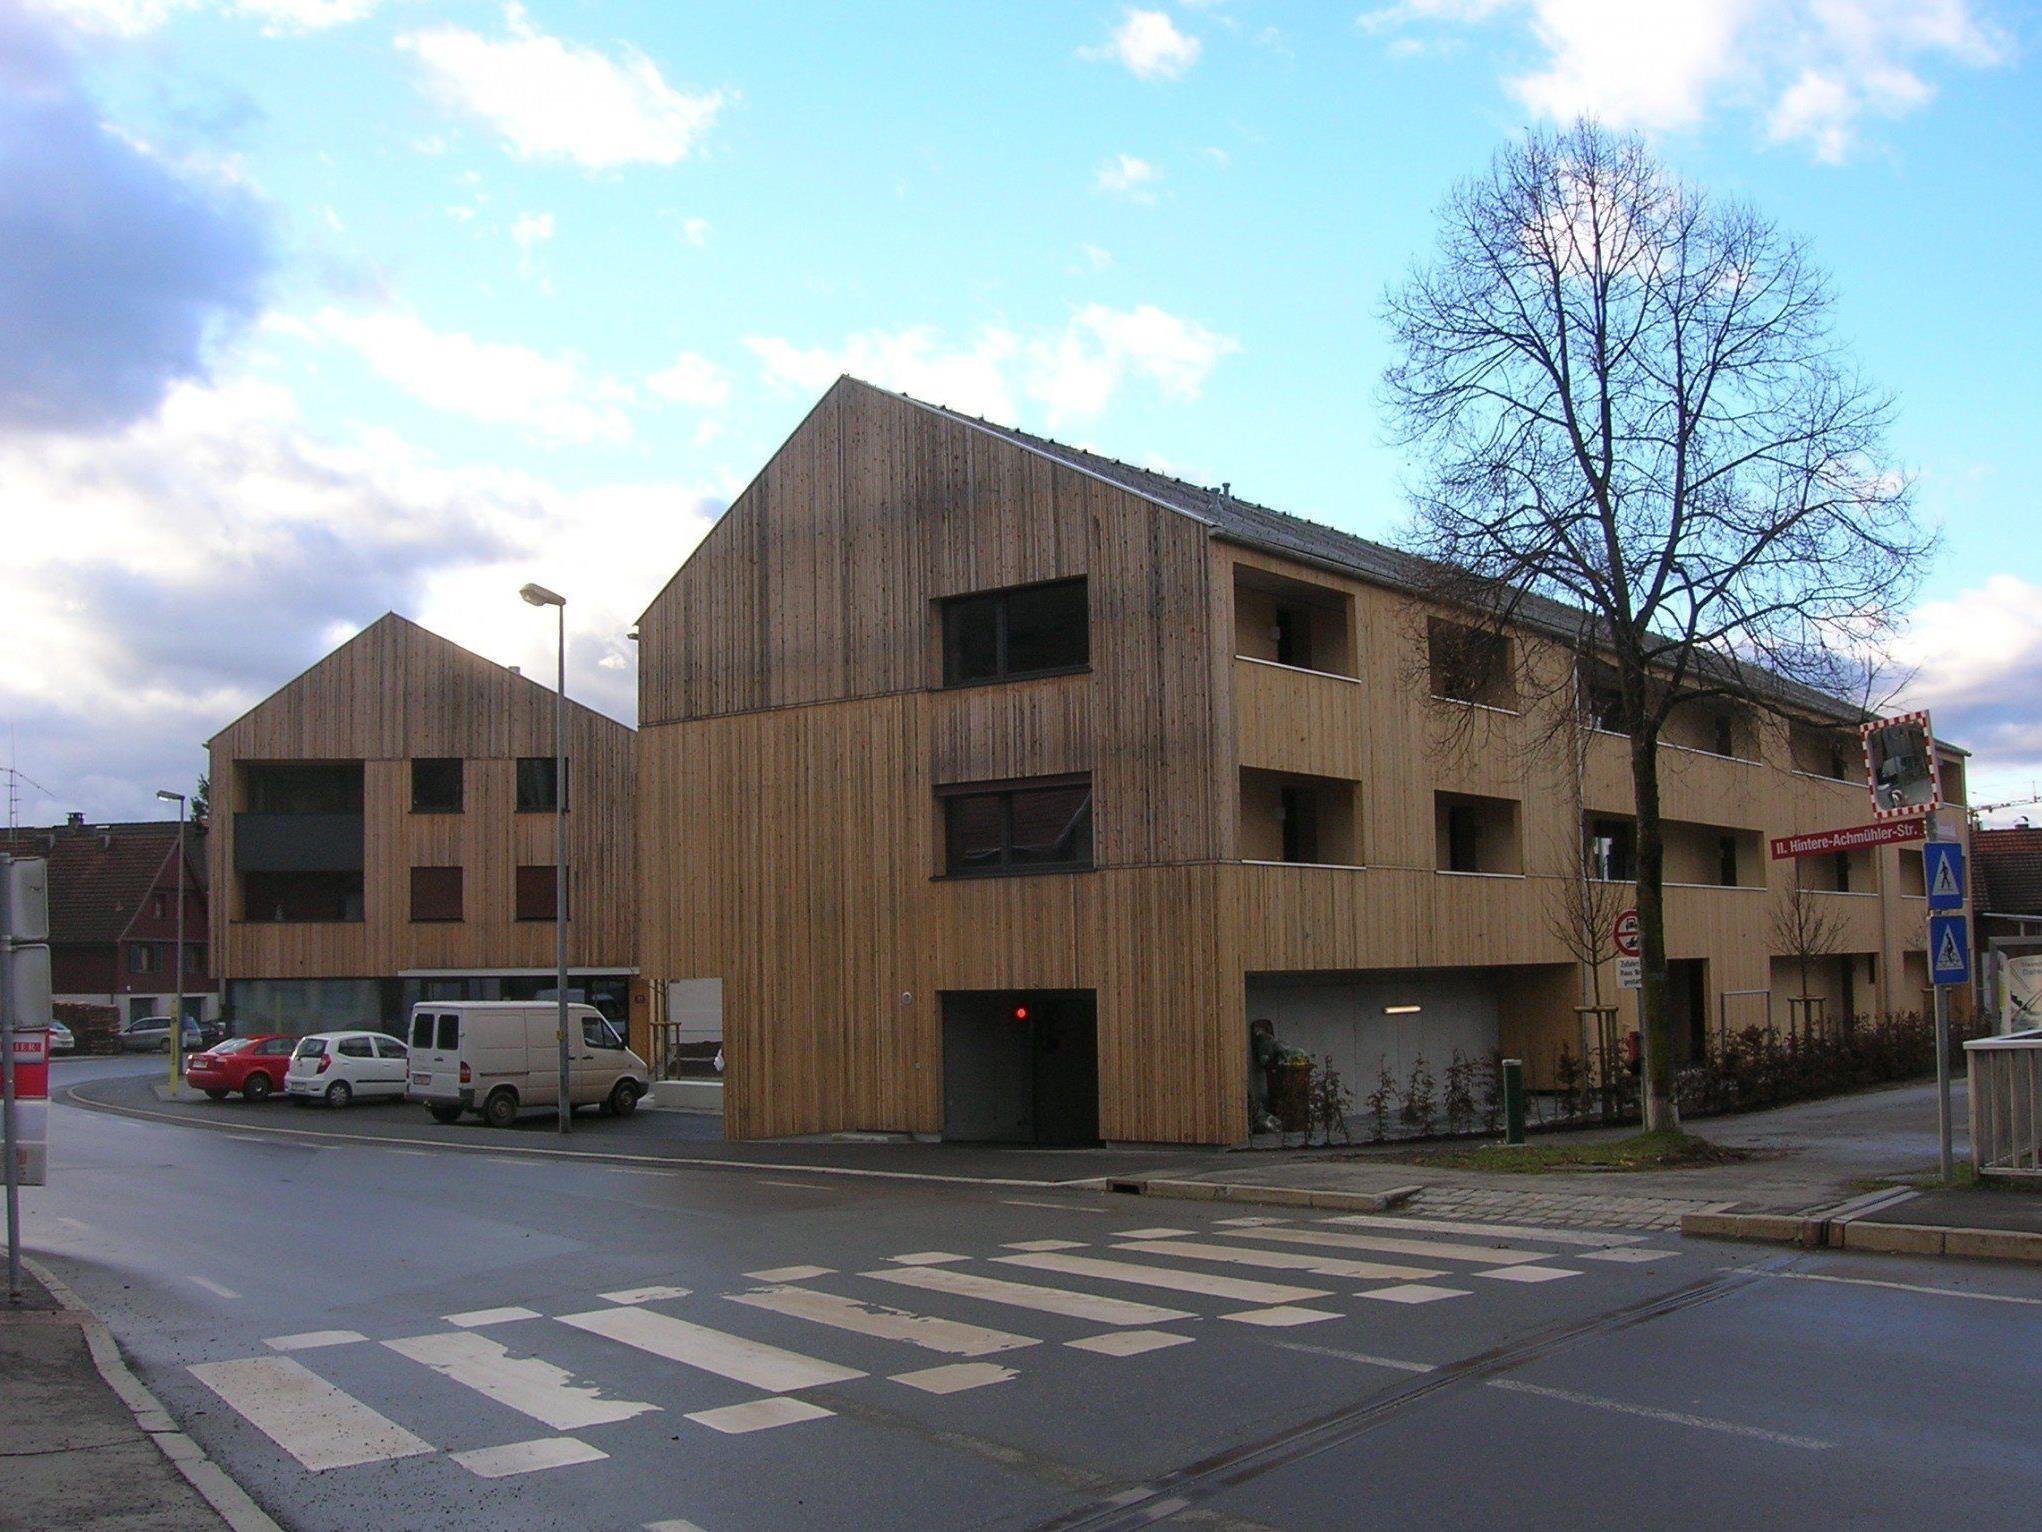 In diesem VOGEWOSI-Projekt in der Hinteren Achmühle wurden 17 Mietwohnungen bezogen.